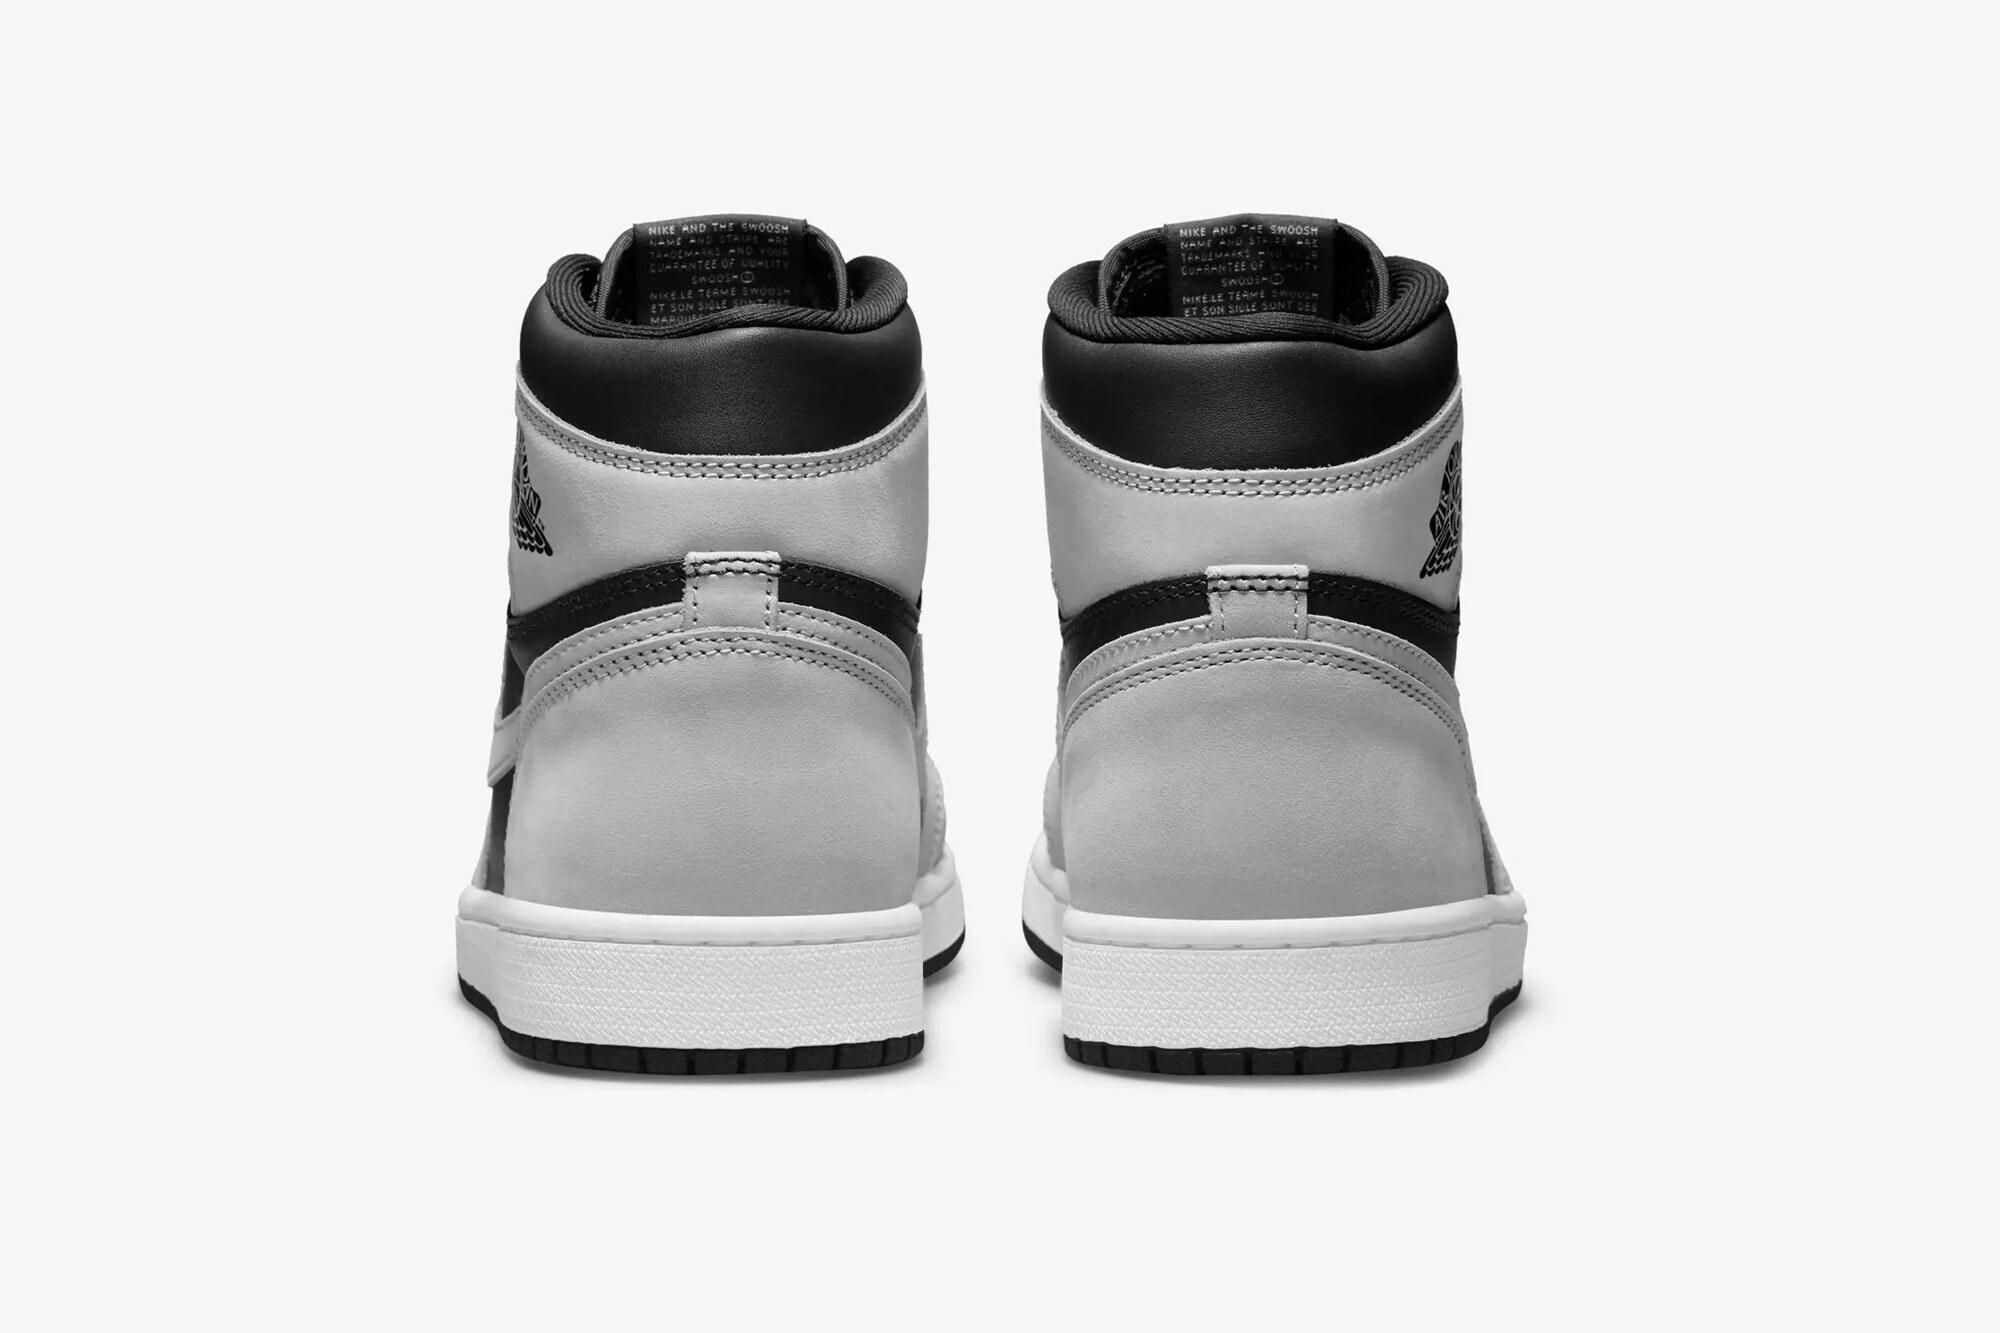 Air Jordan 1 High Shadow 2.0